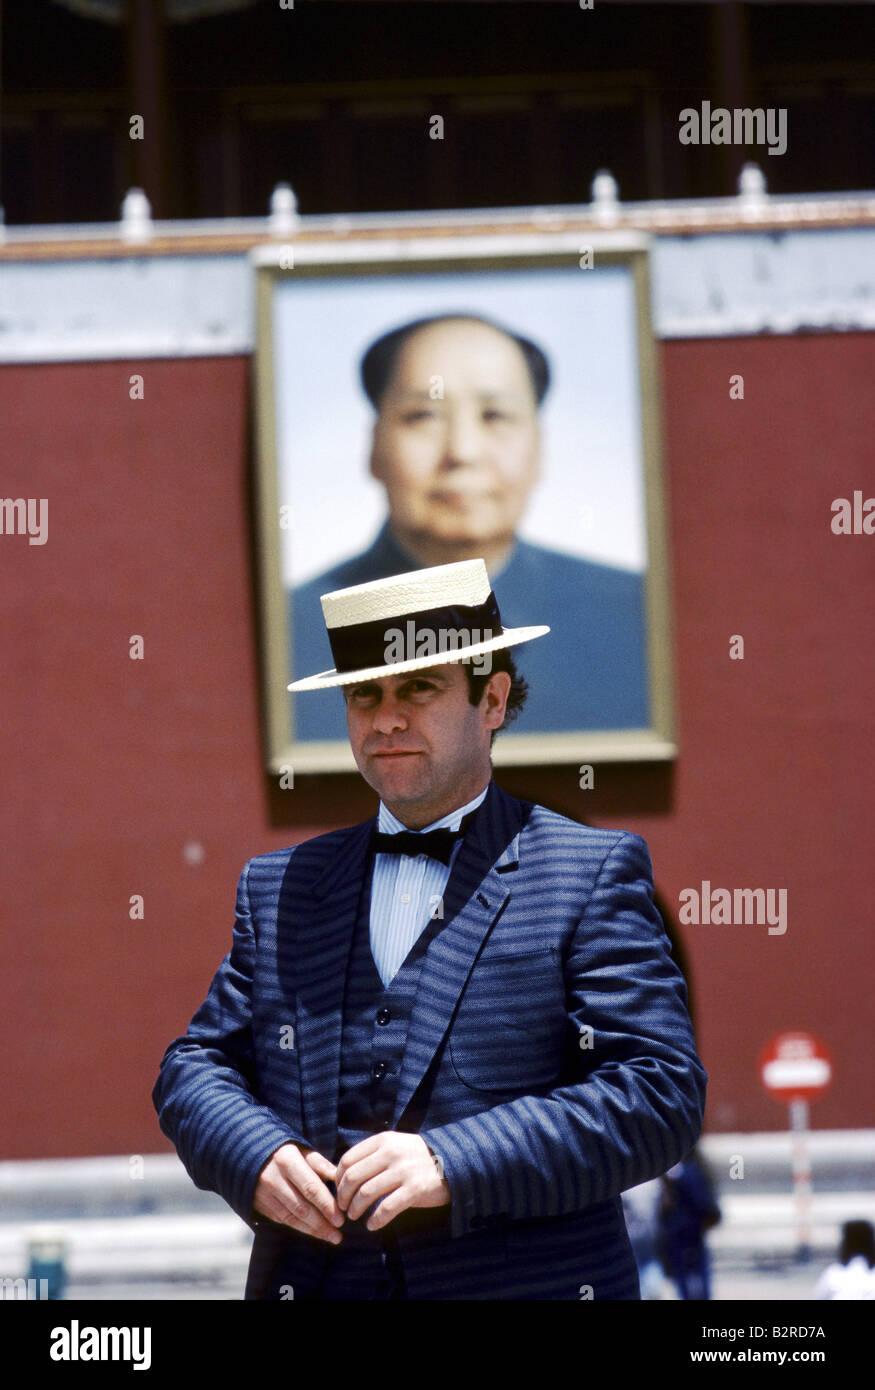 British pop singer Elton John wearing gentleman s suit hat in Tiananmen Square Mao s portrait in background - Stock Image